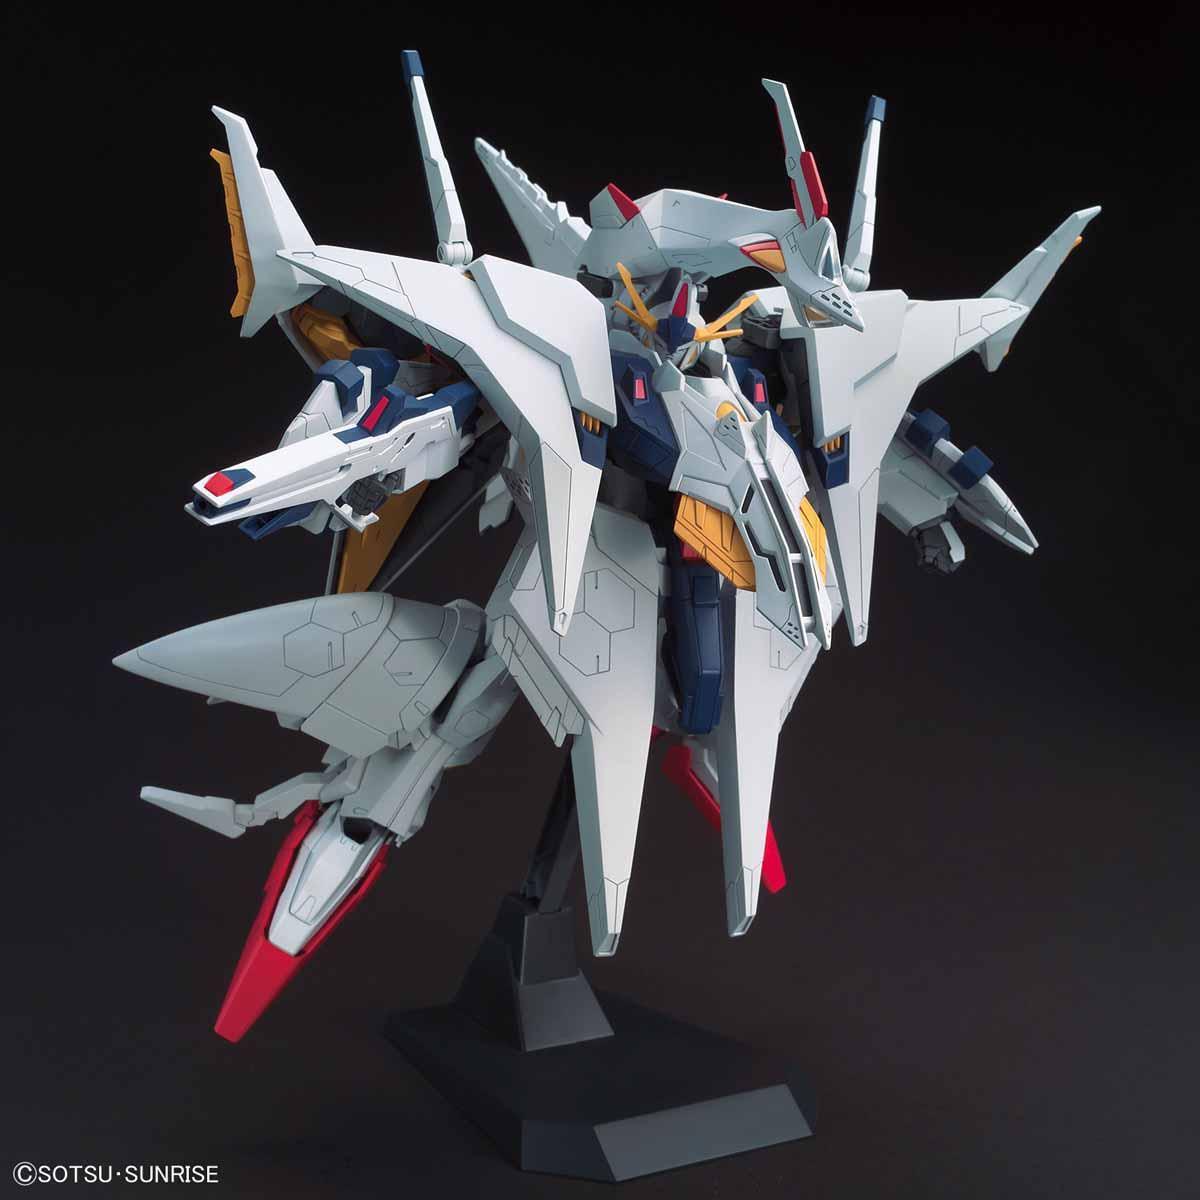 【再販】HGUC 1/144『ペーネロペー』機動戦士ガンダム 閃光のハサウェイ プラモデル-002